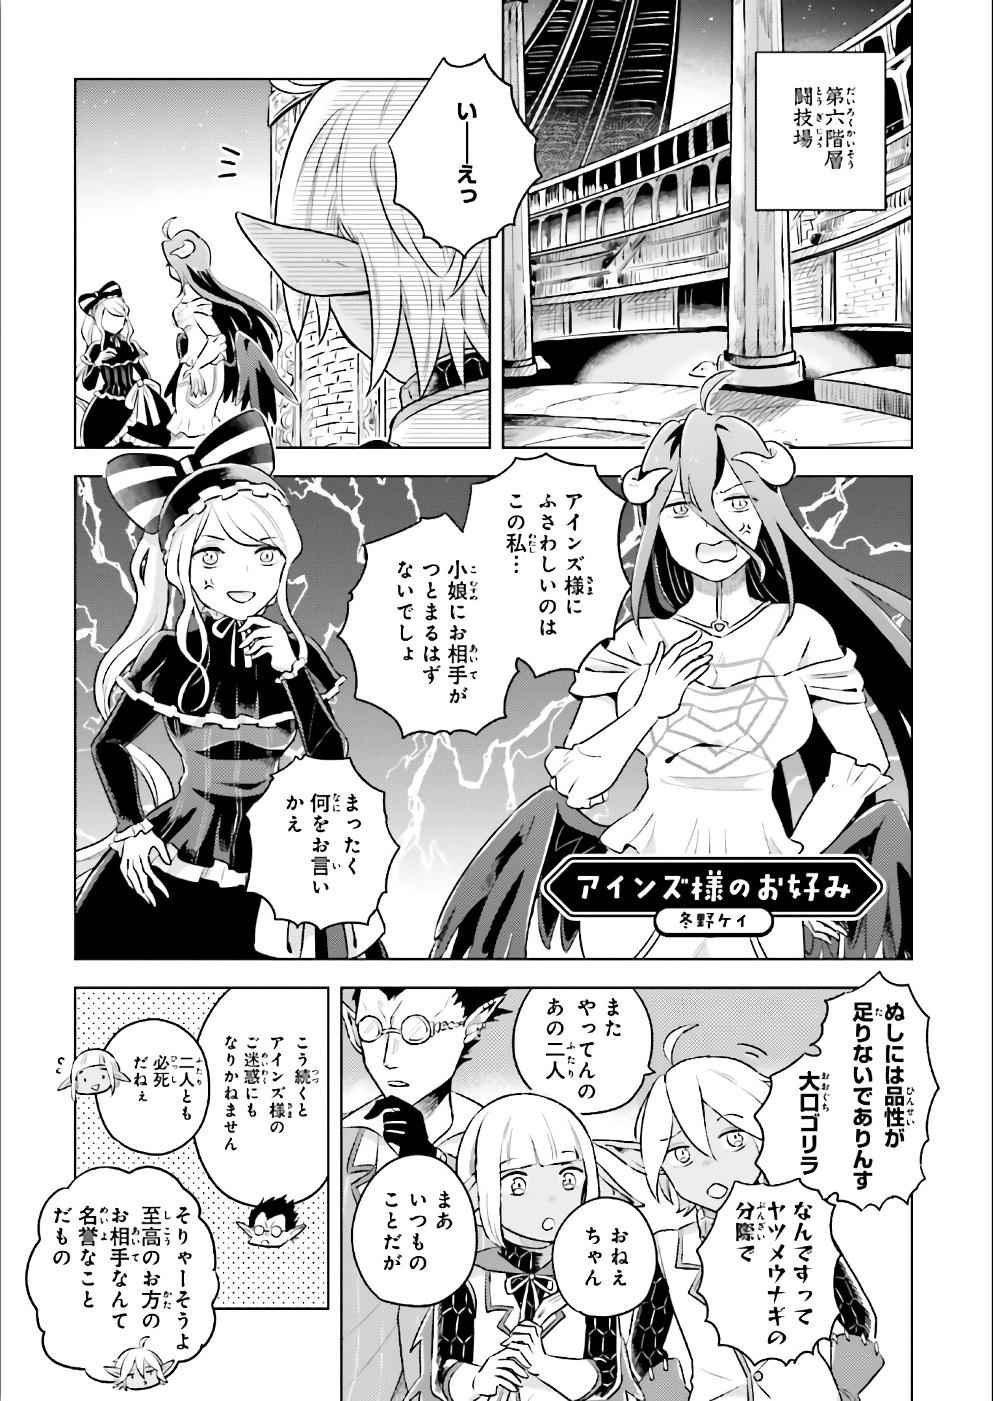 Ainz-sama's Type